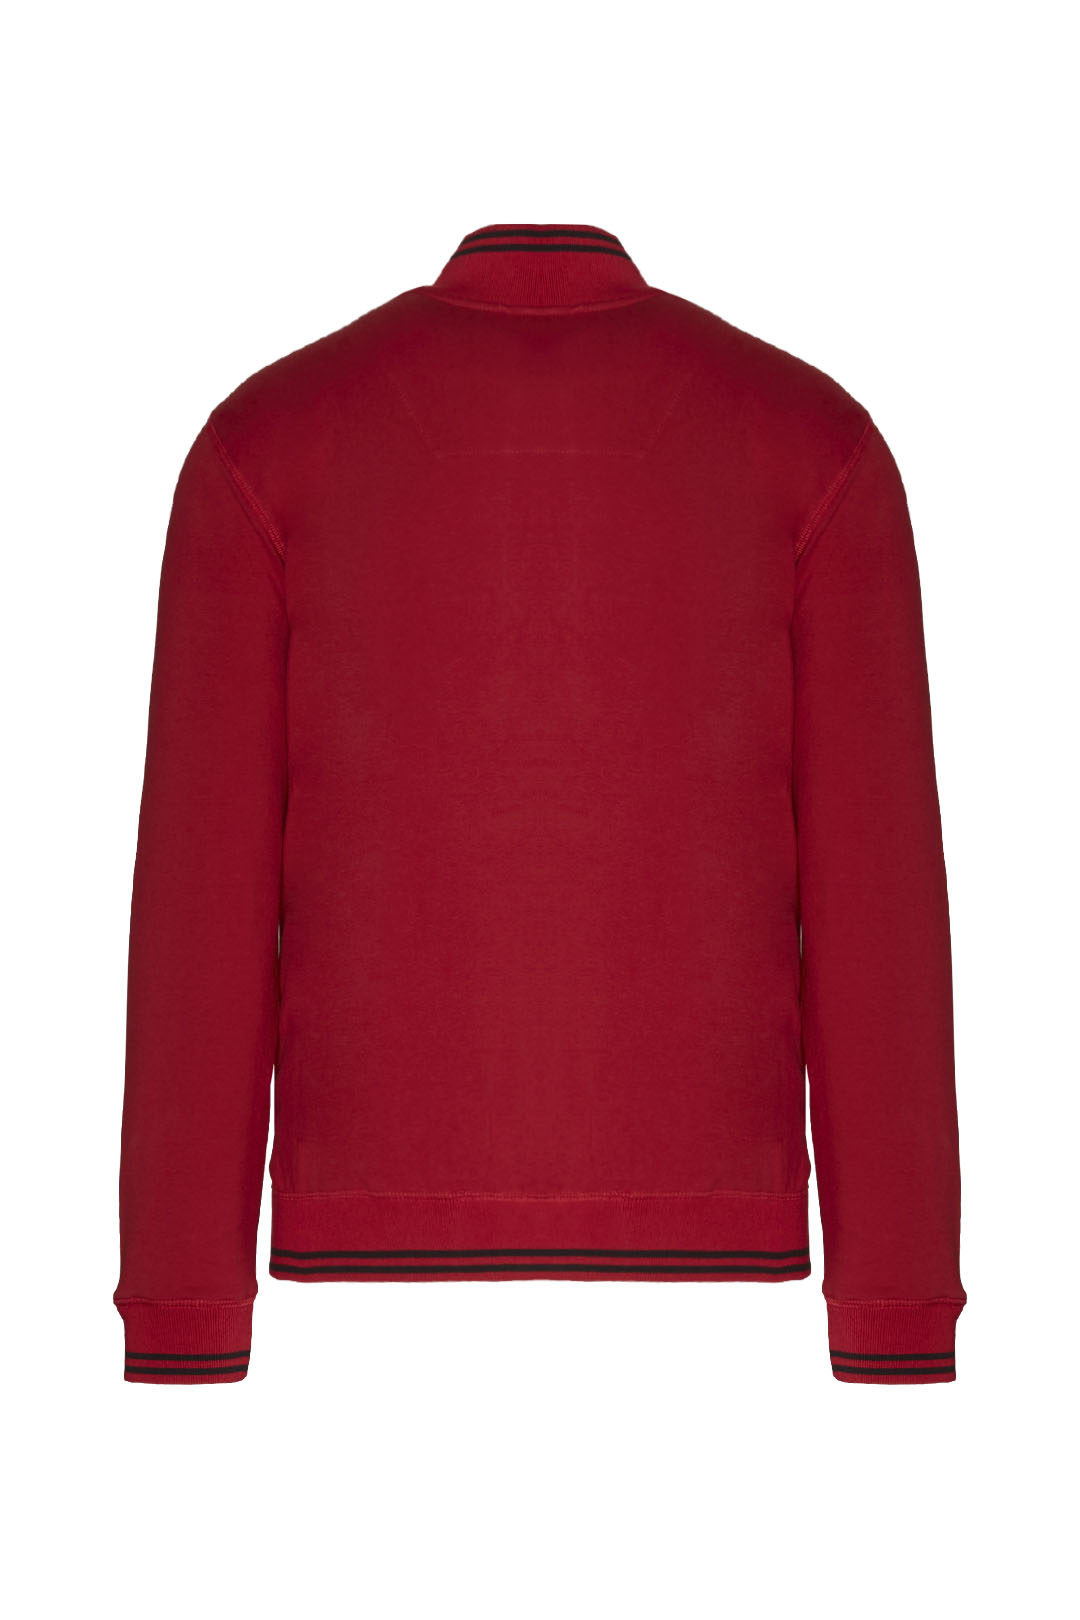 Ikonisches Frecce Tricolori Sweatshirt   2